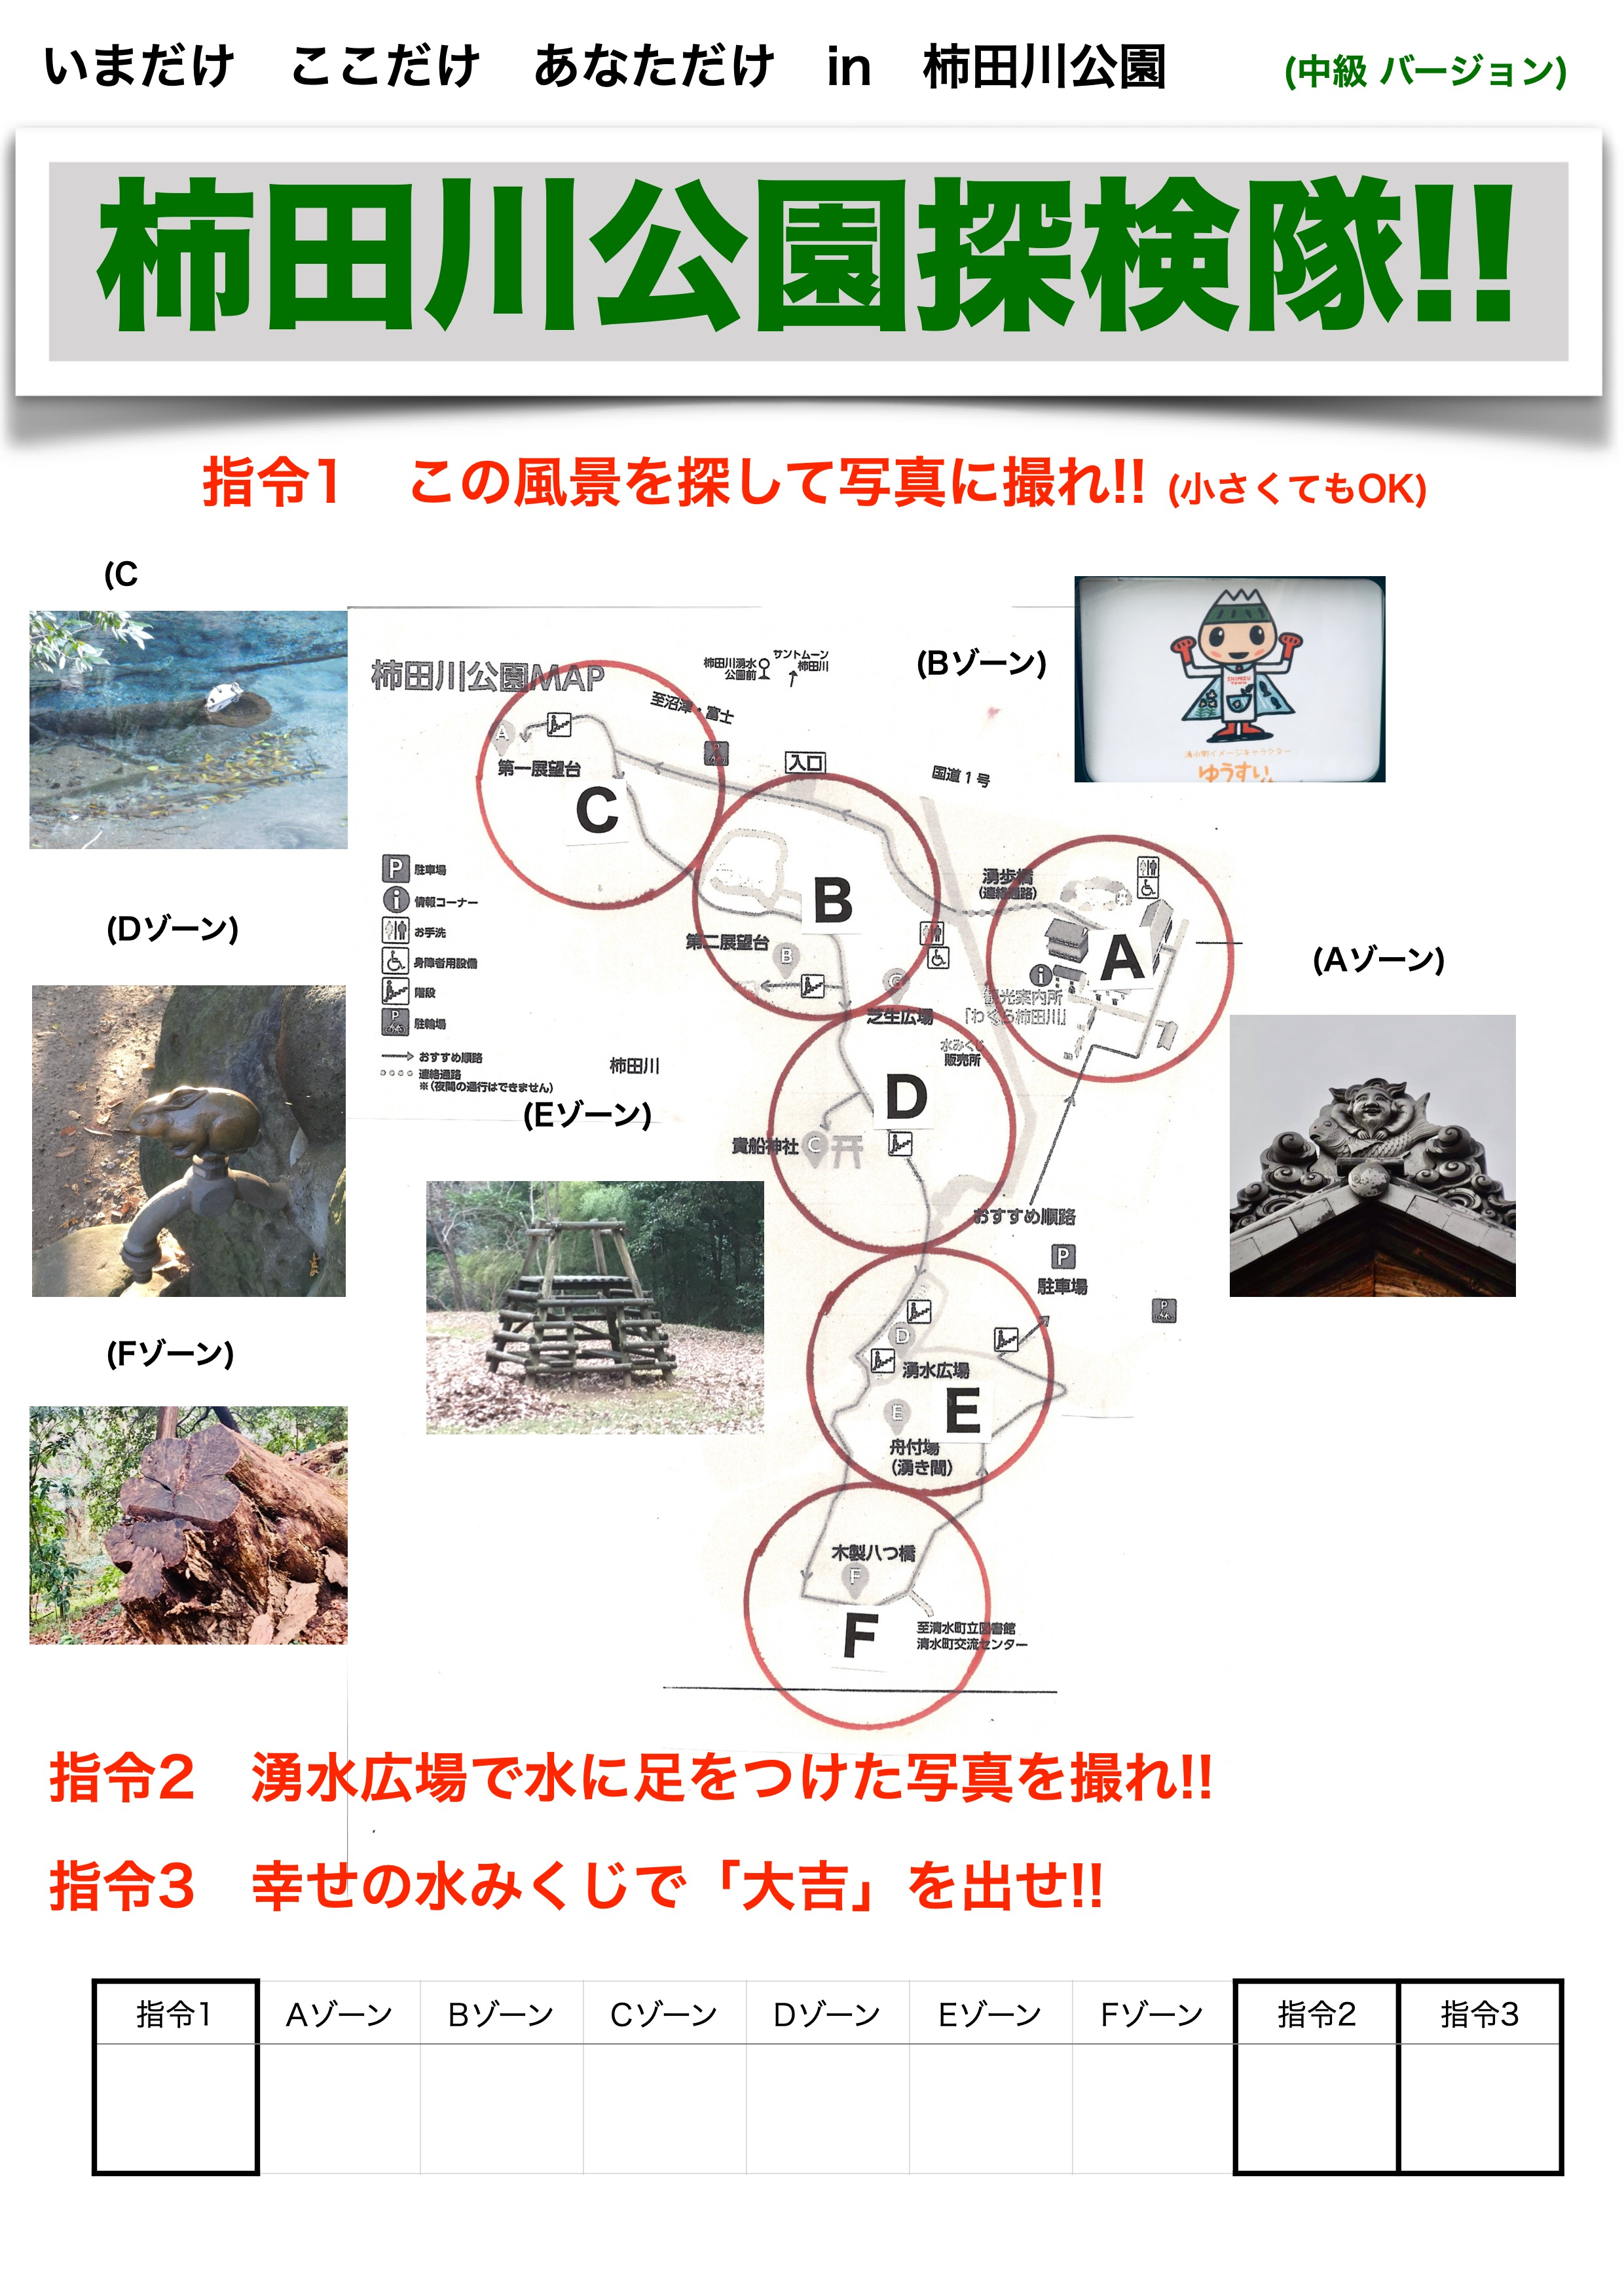 柿田川公園探検隊!!